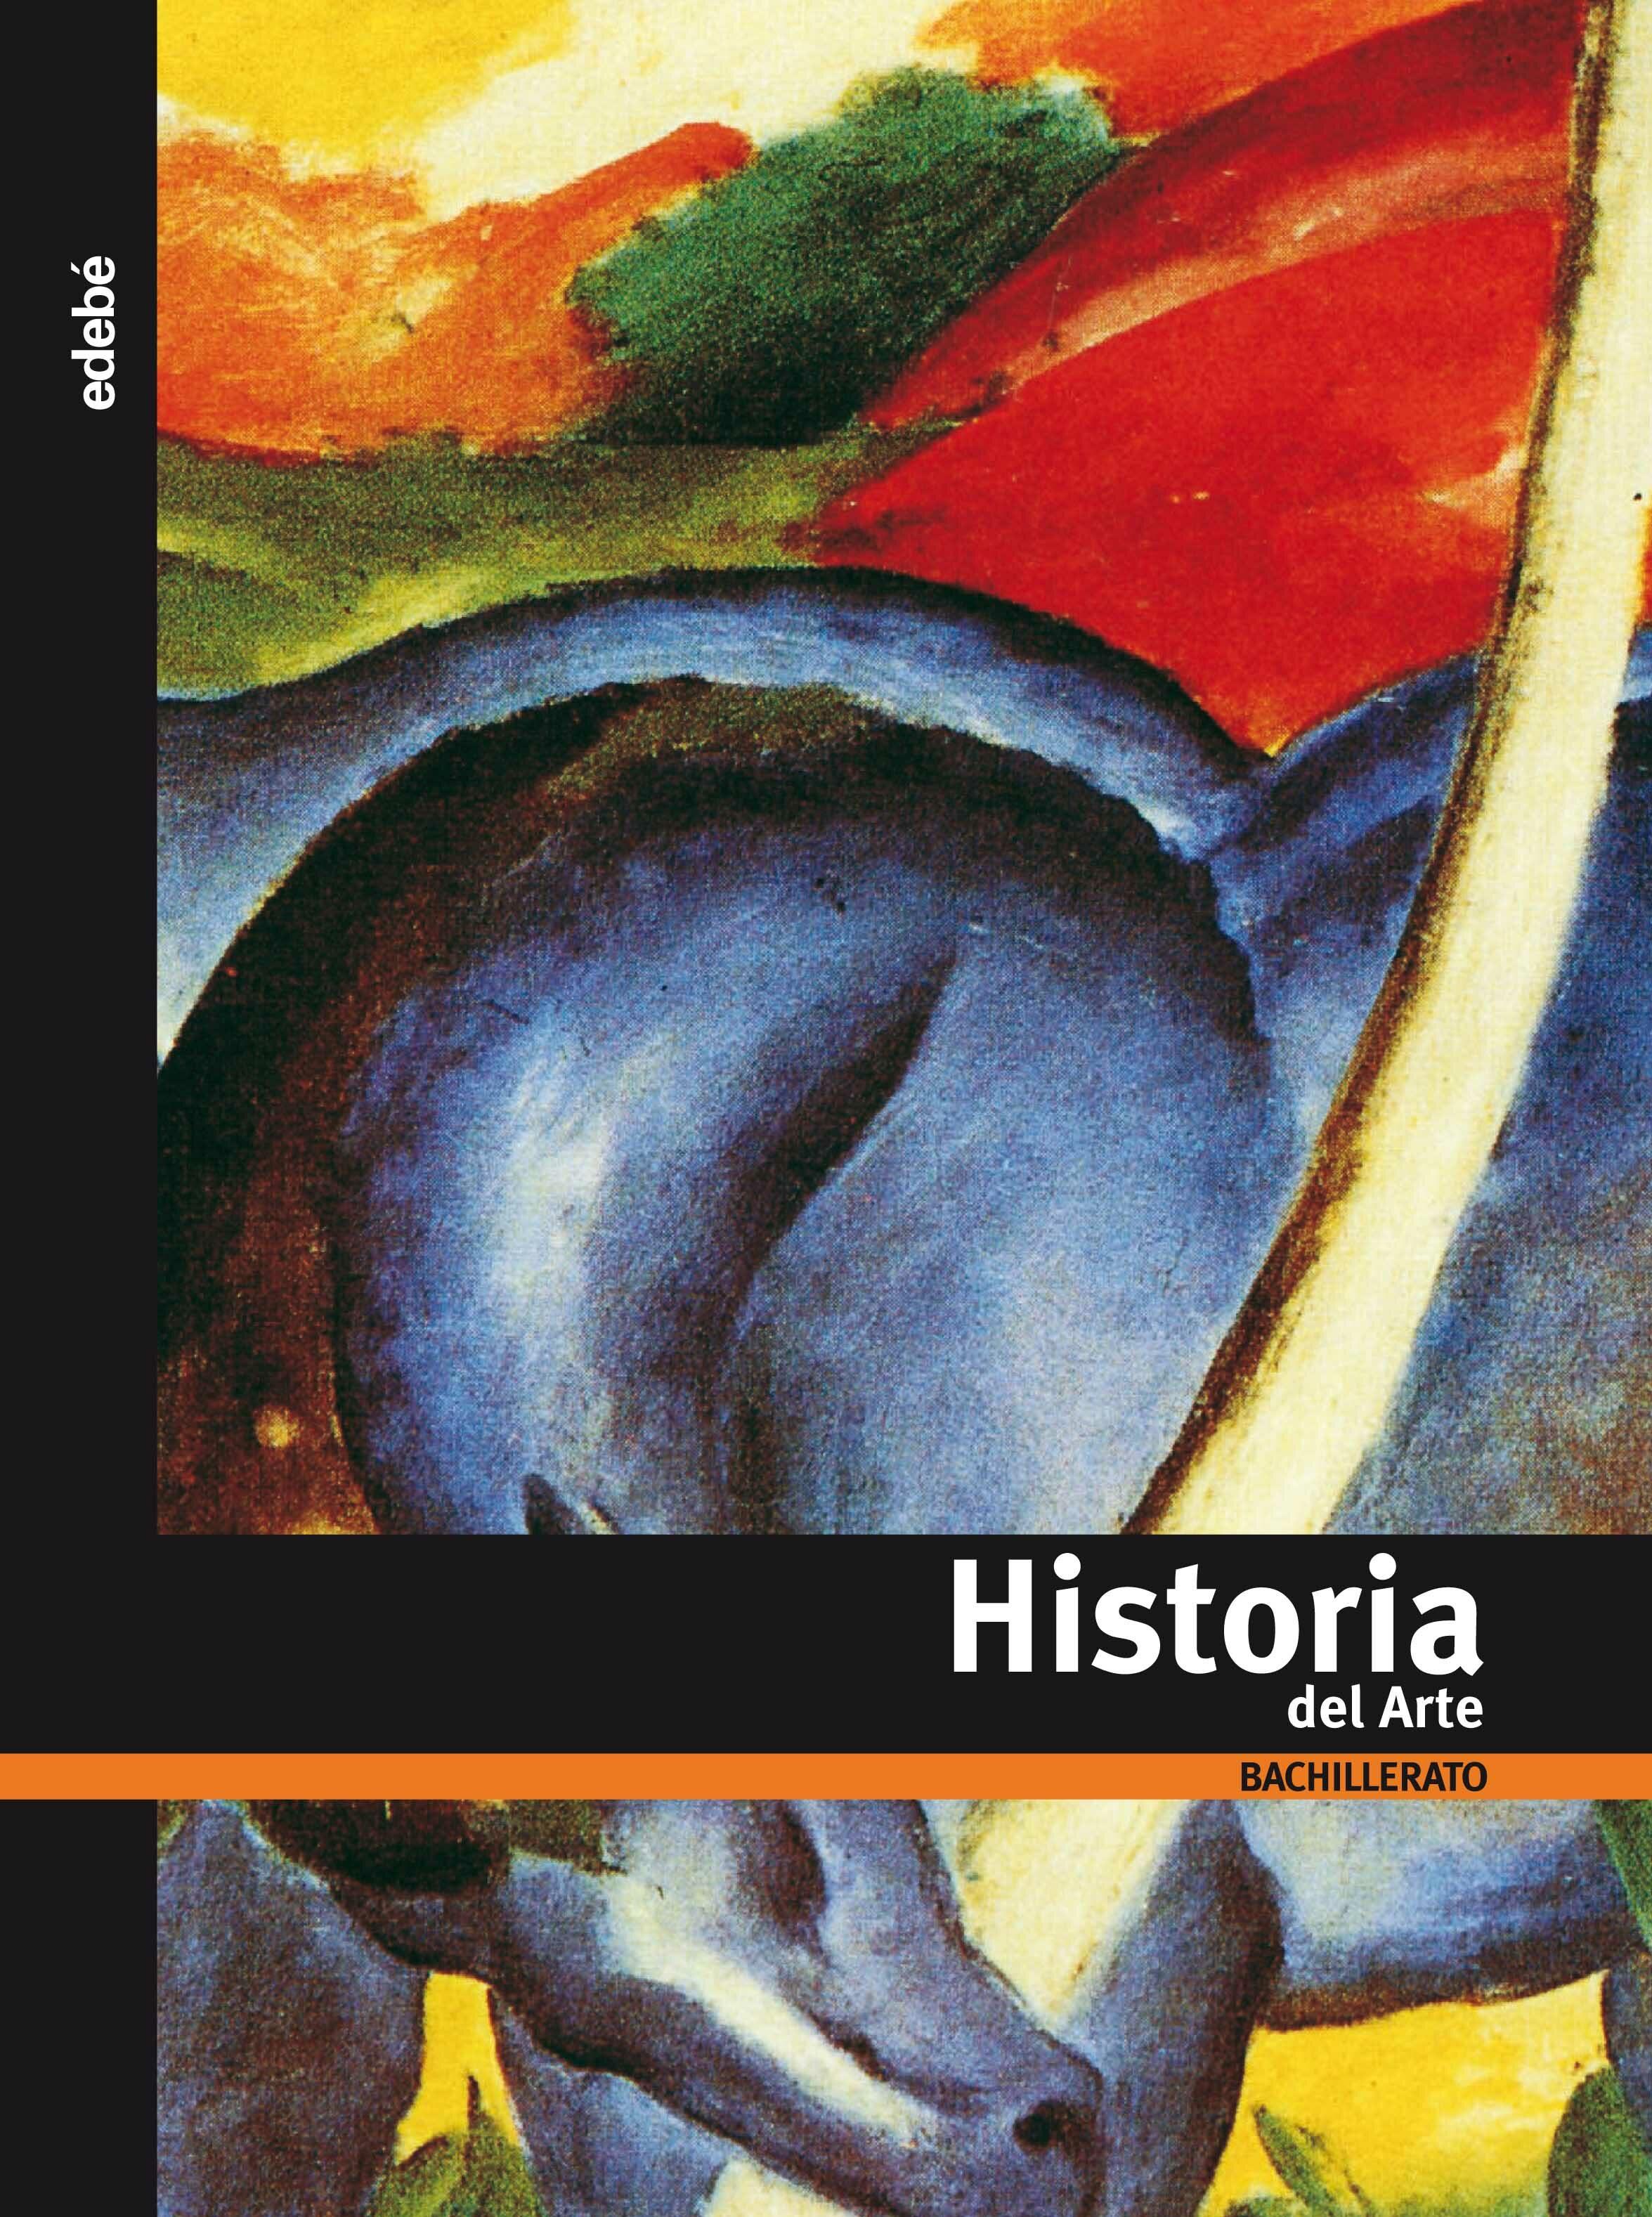 Historia Del Arte (bachillerato) - Vv.aa.